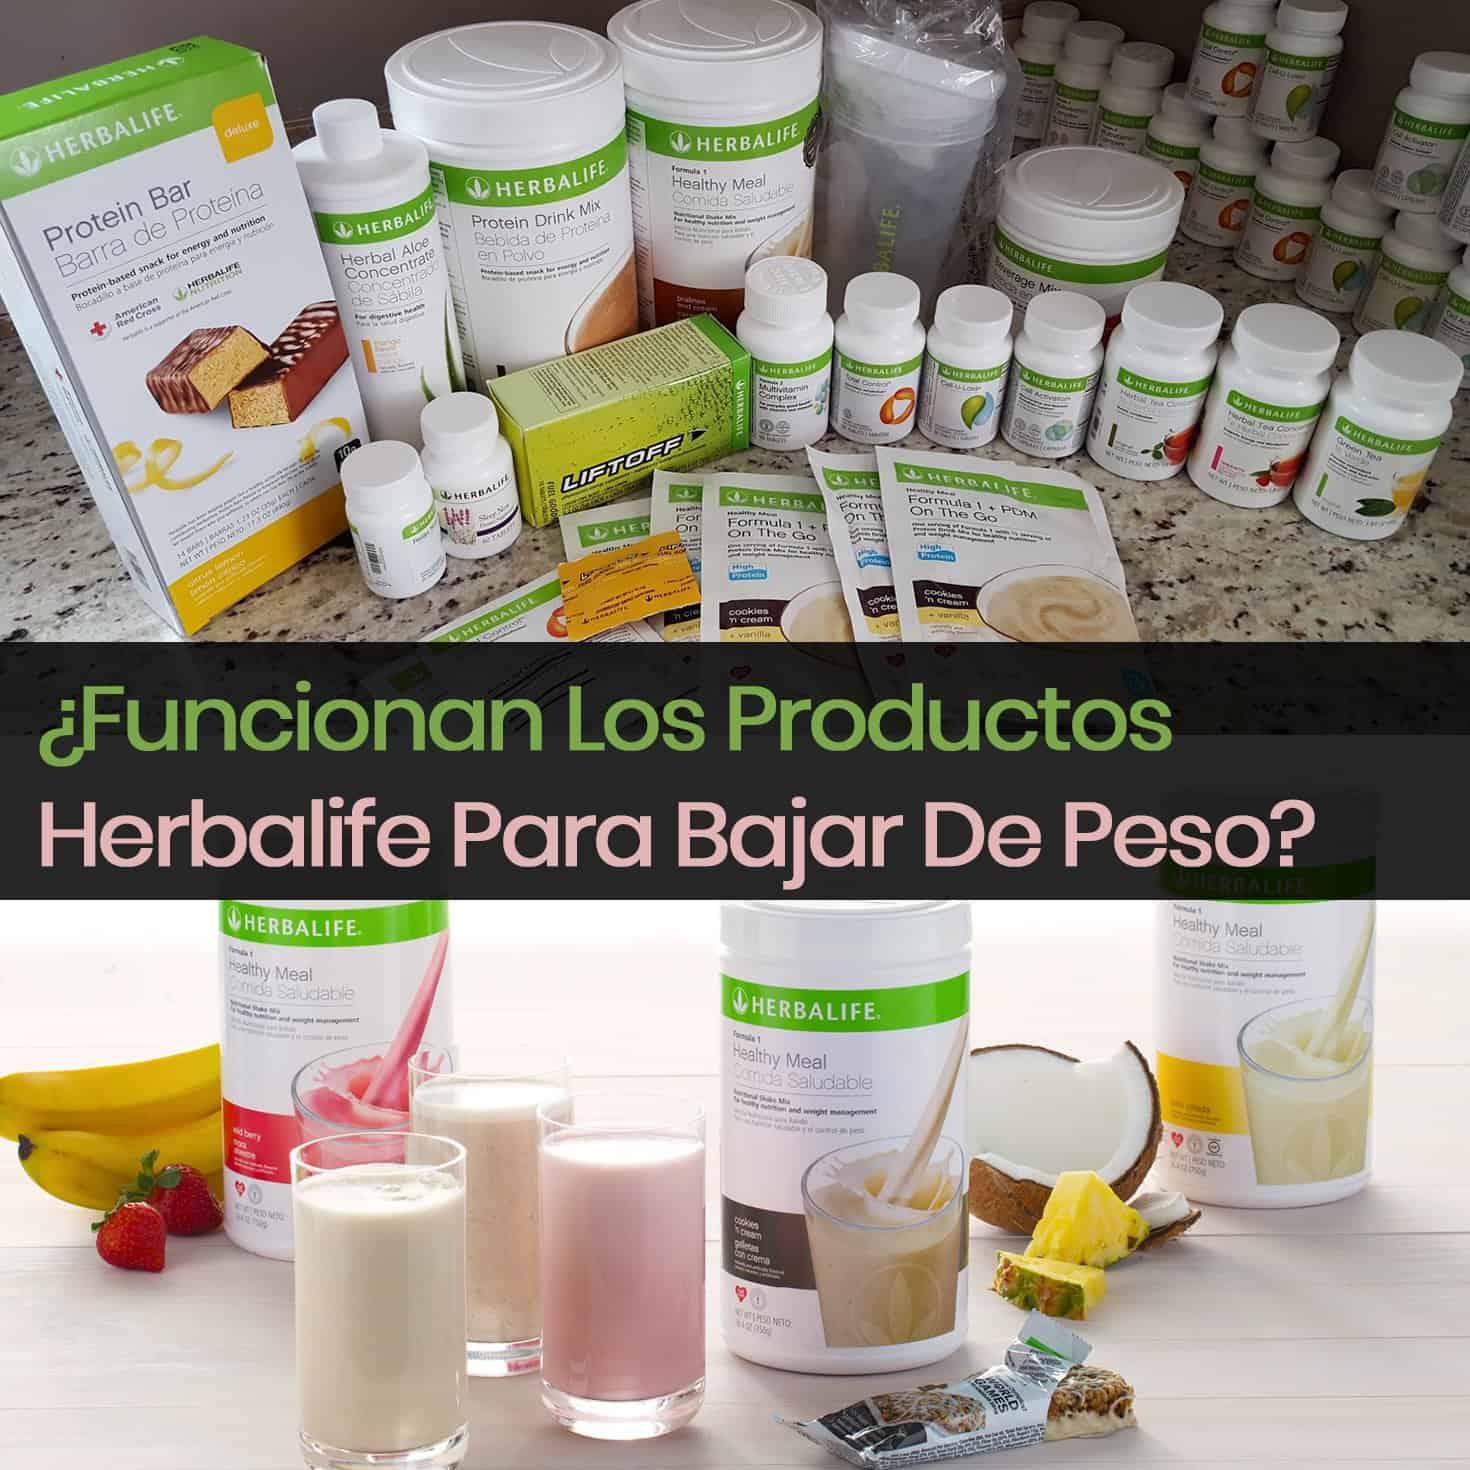 Herbalife es bueno para bajar de peso